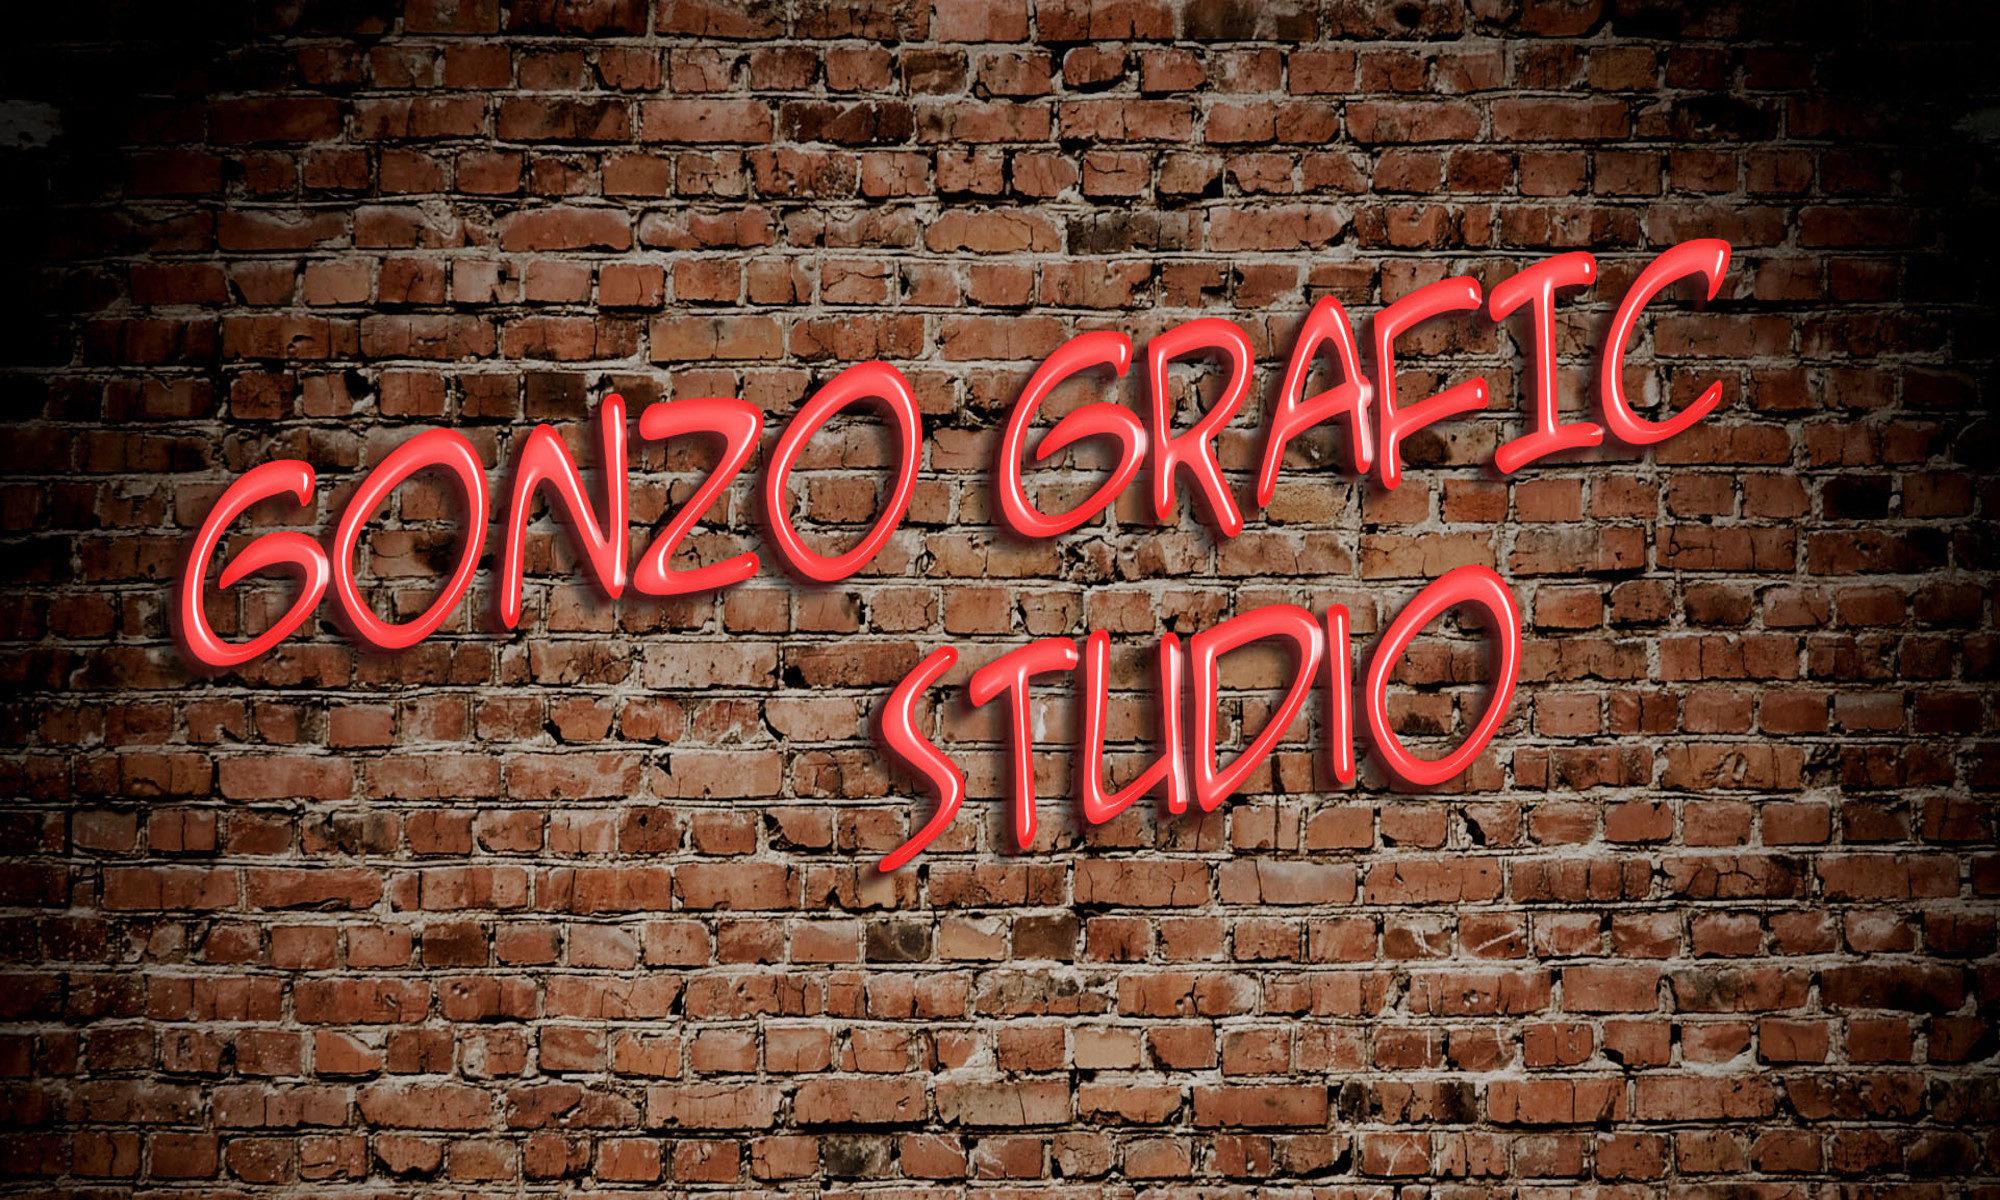 Gonzo Grafic Studio